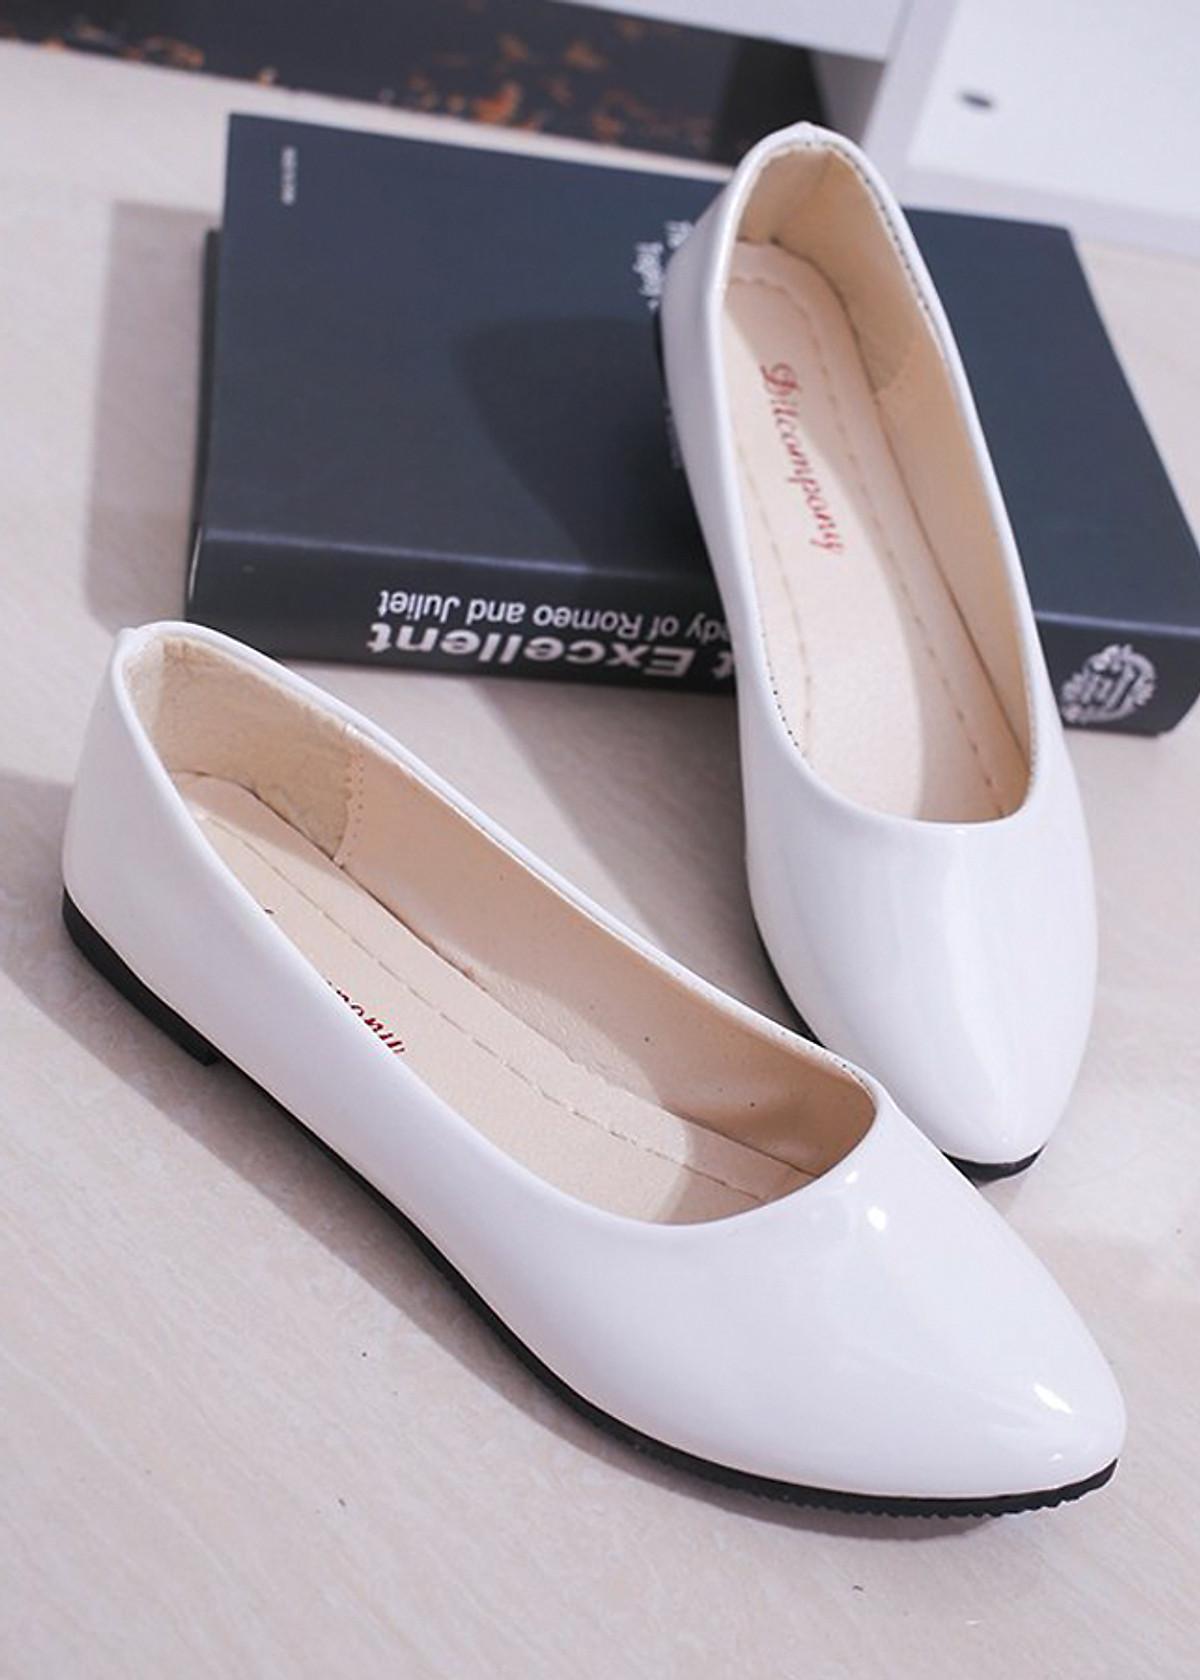 Giày búp bê da bóng mềm không đau chân , dáng chuẩn 96309 30